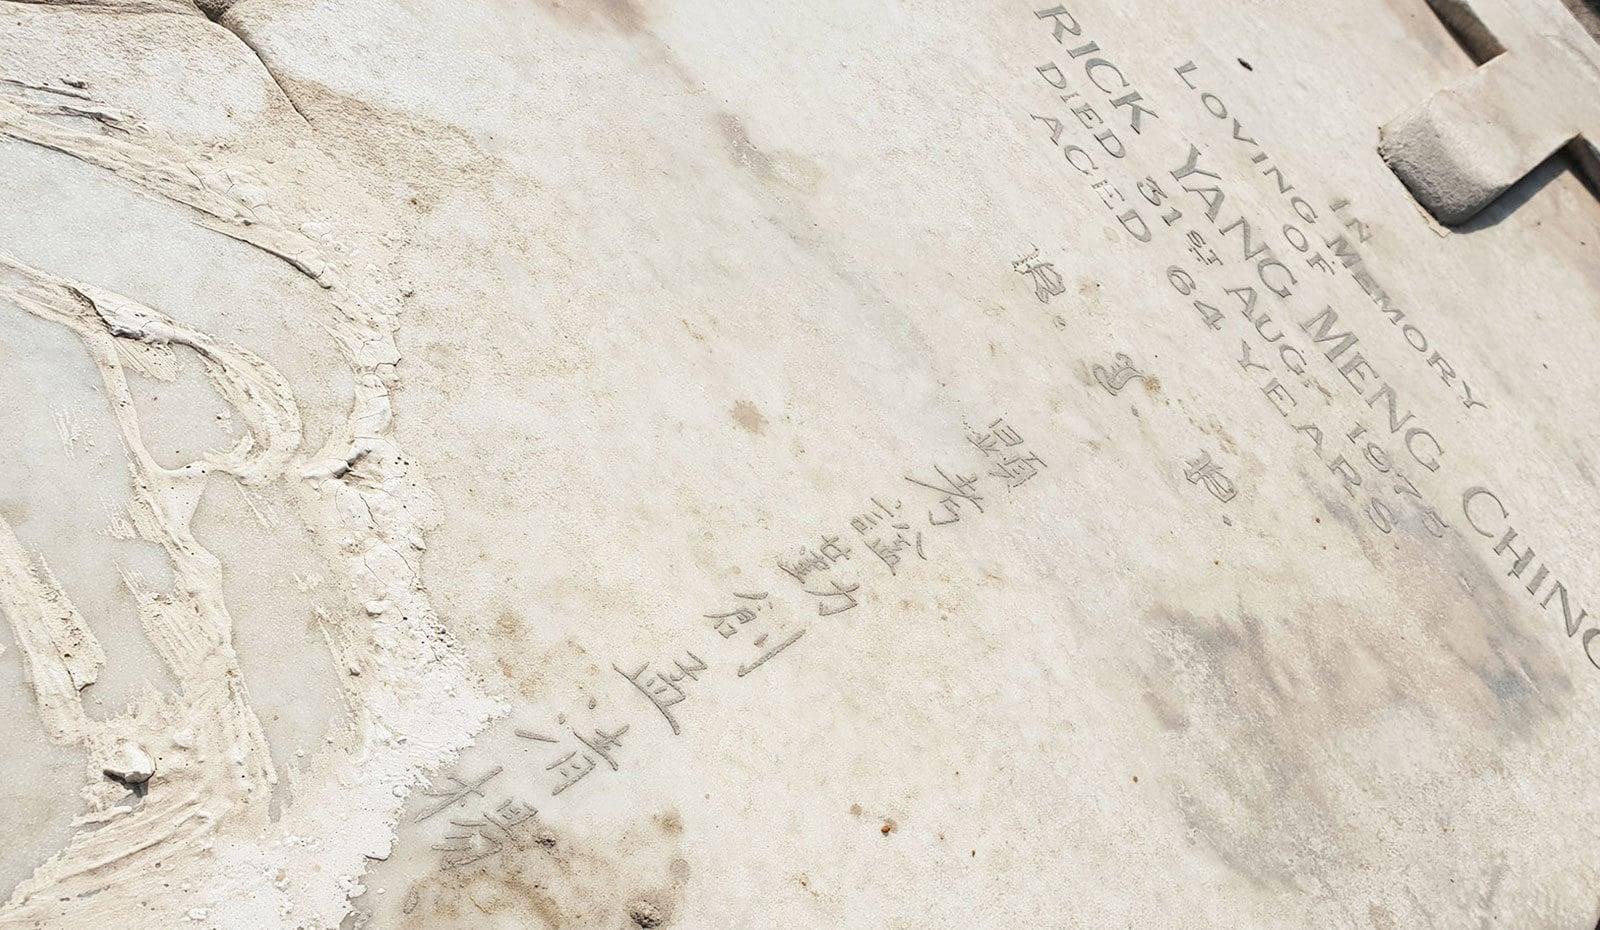 قبرستان میں اسکاٹ لینڈ، انگلیڈ کے علاوہ جاپانی افراد کی قبریں بھی موجود ہیں—فوٹو: وقار محمد خان